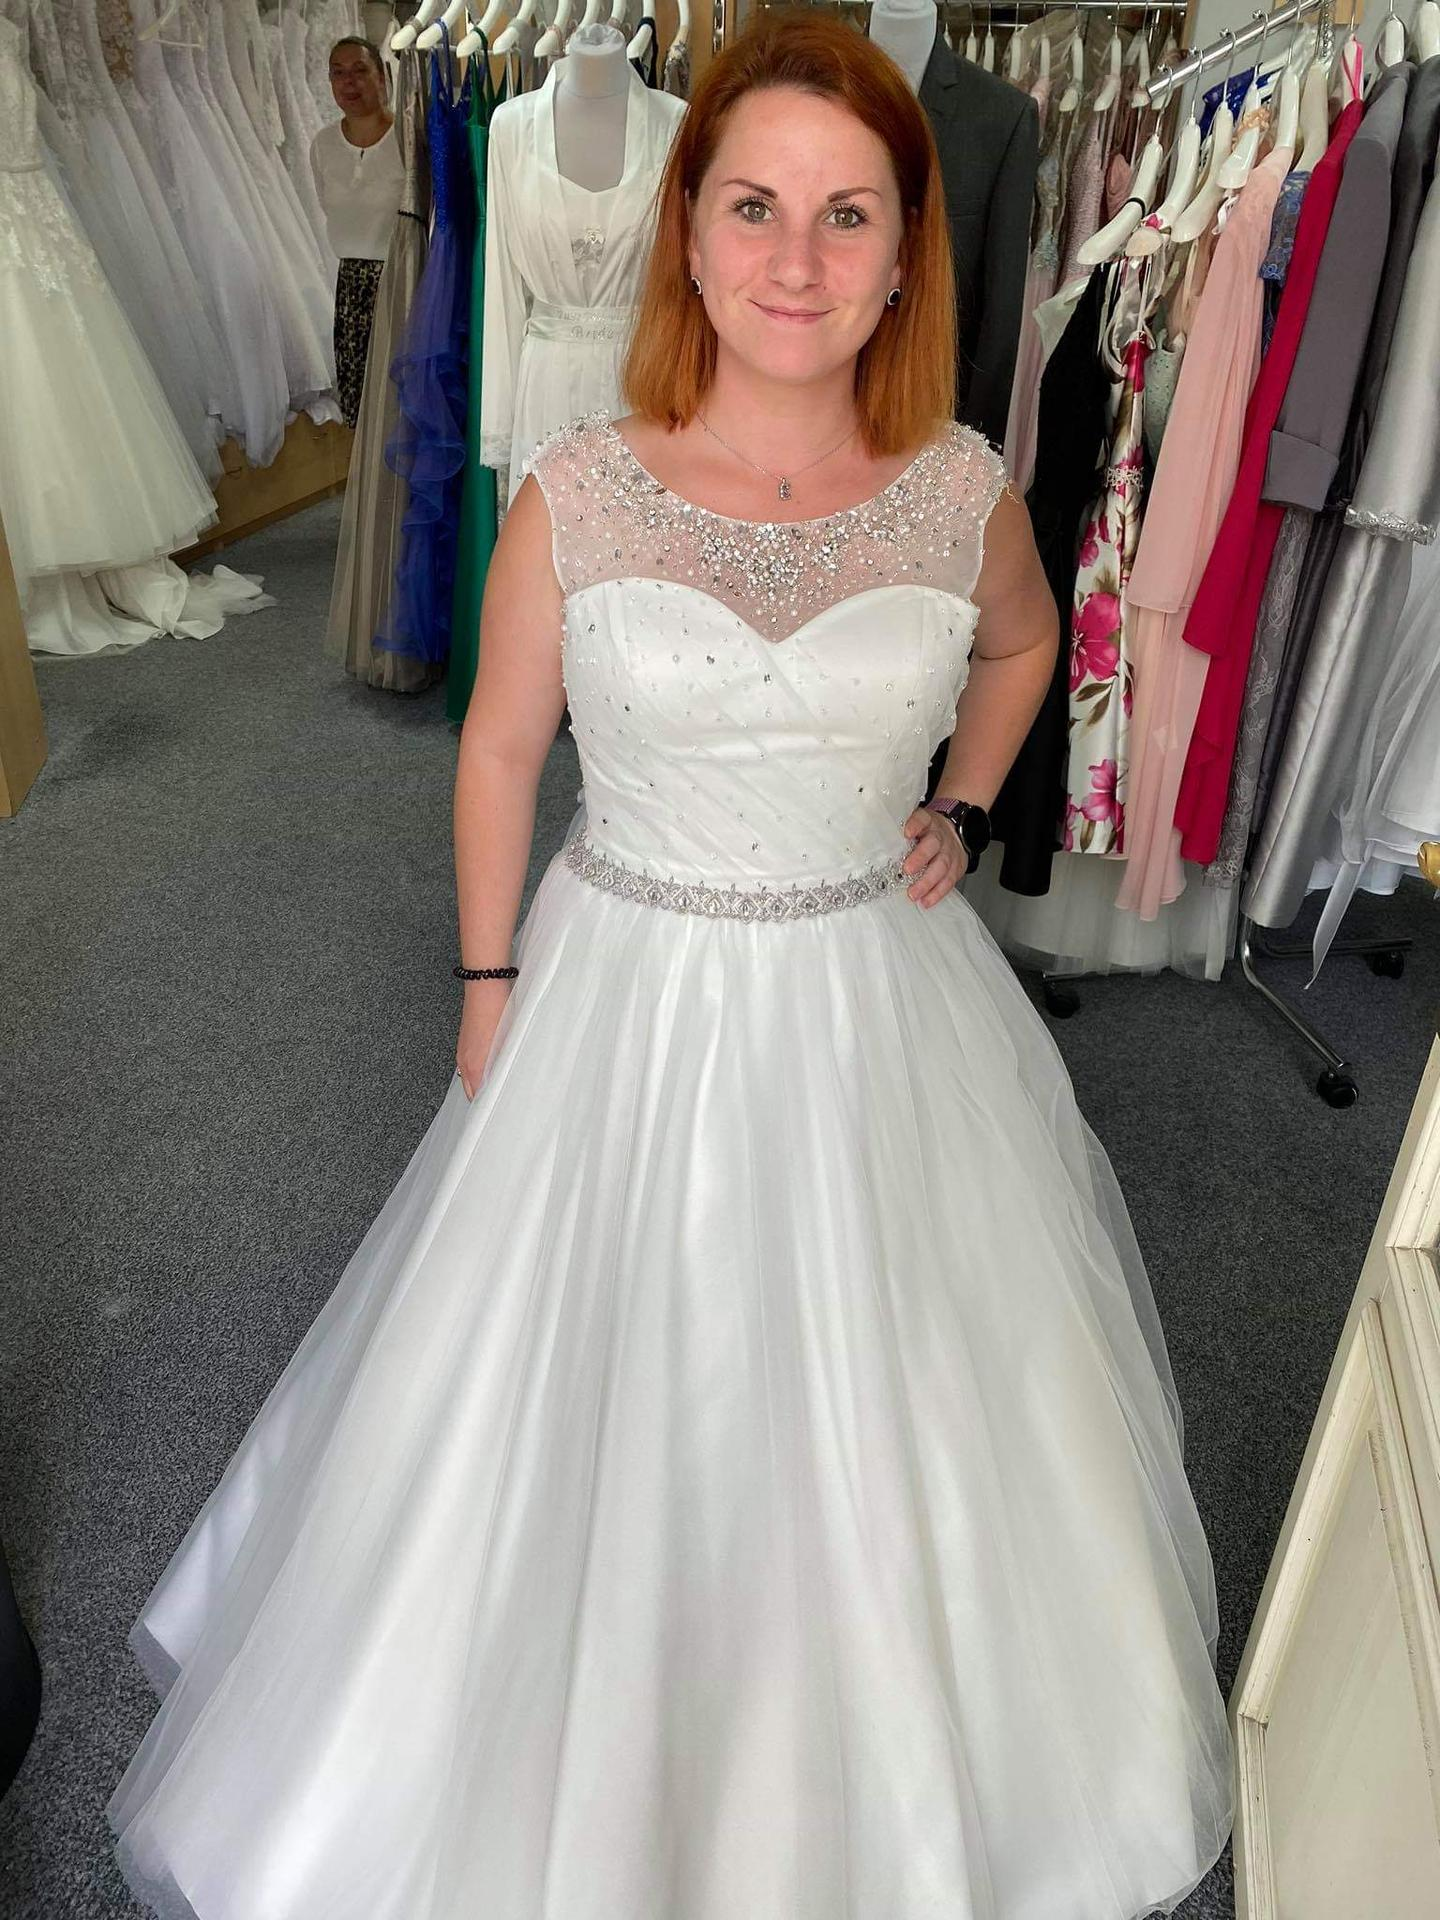 Zdravím nevěsty, svatba za... - Obrázek č. 1